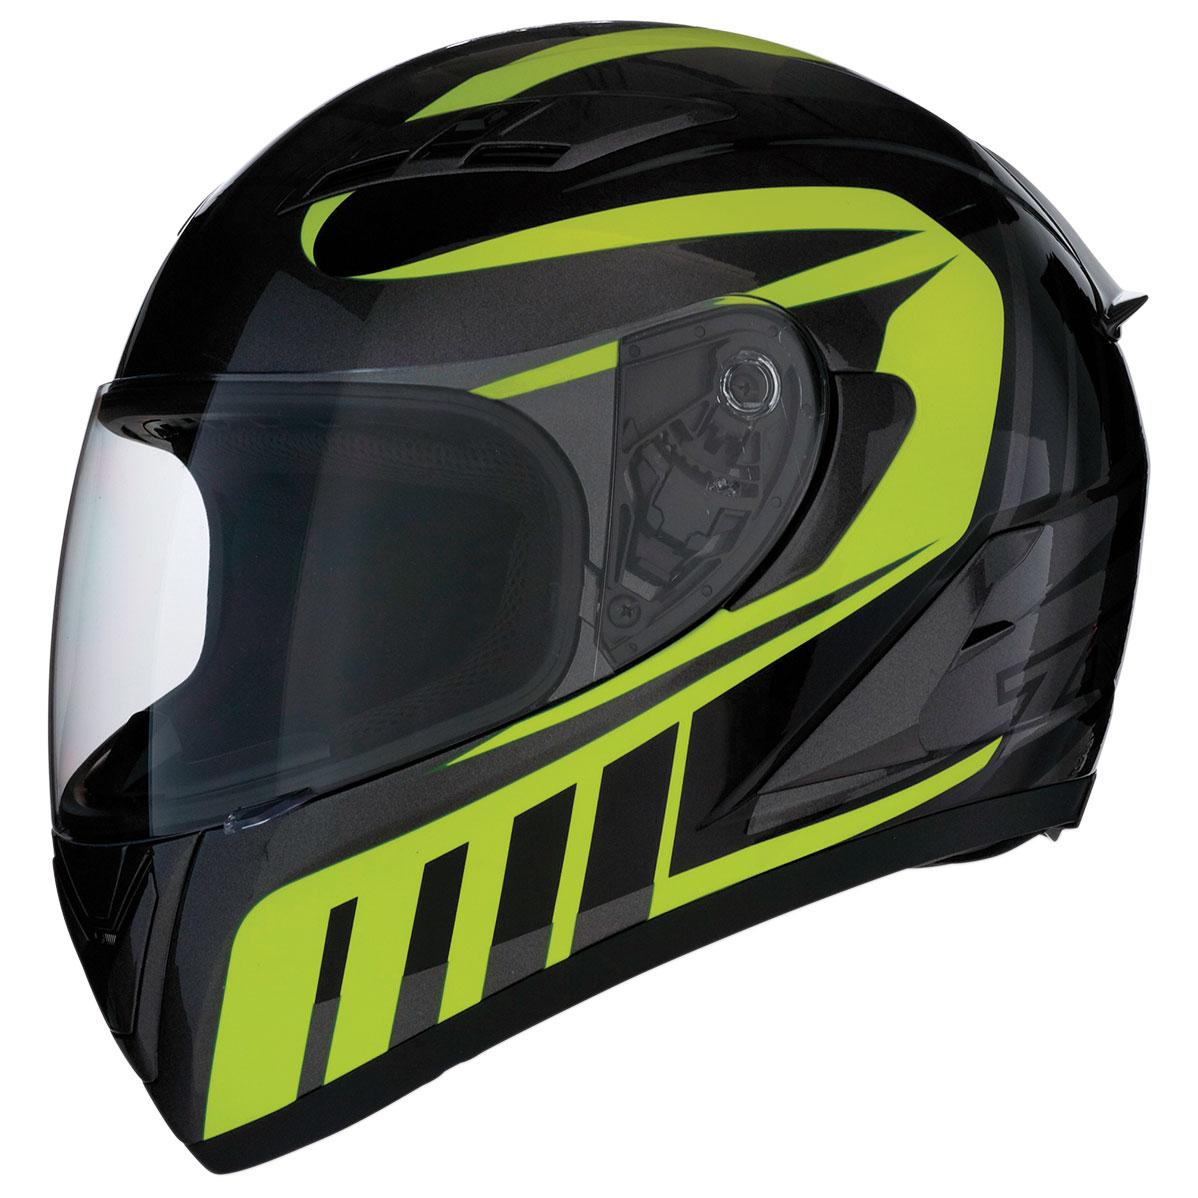 Z1R Strike Ops Attack Hi-Viz Full Face Helmet